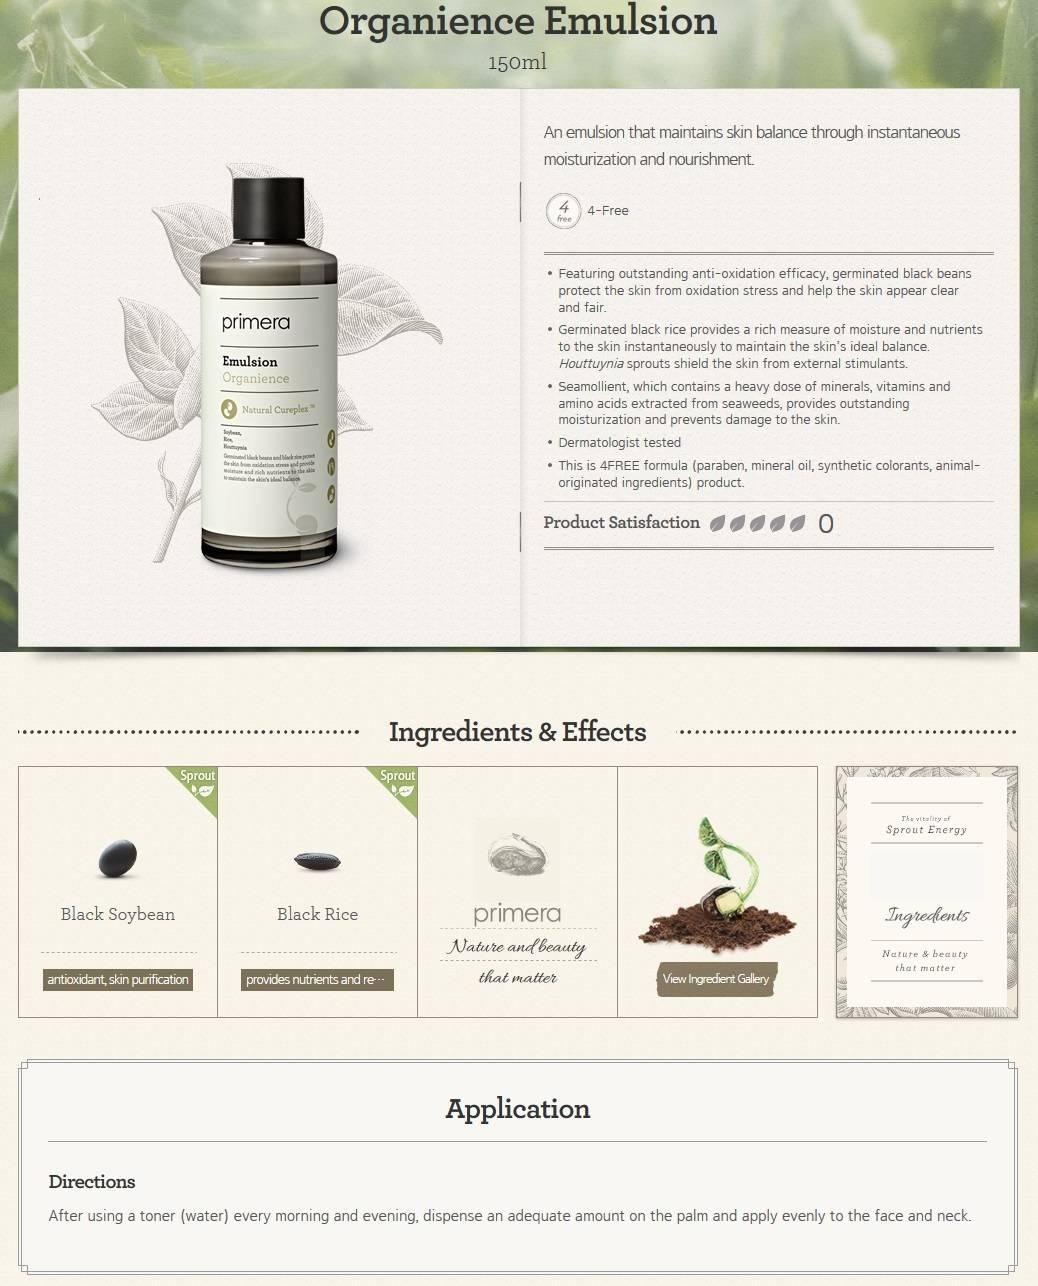 primera Organience Emulsion 150ml